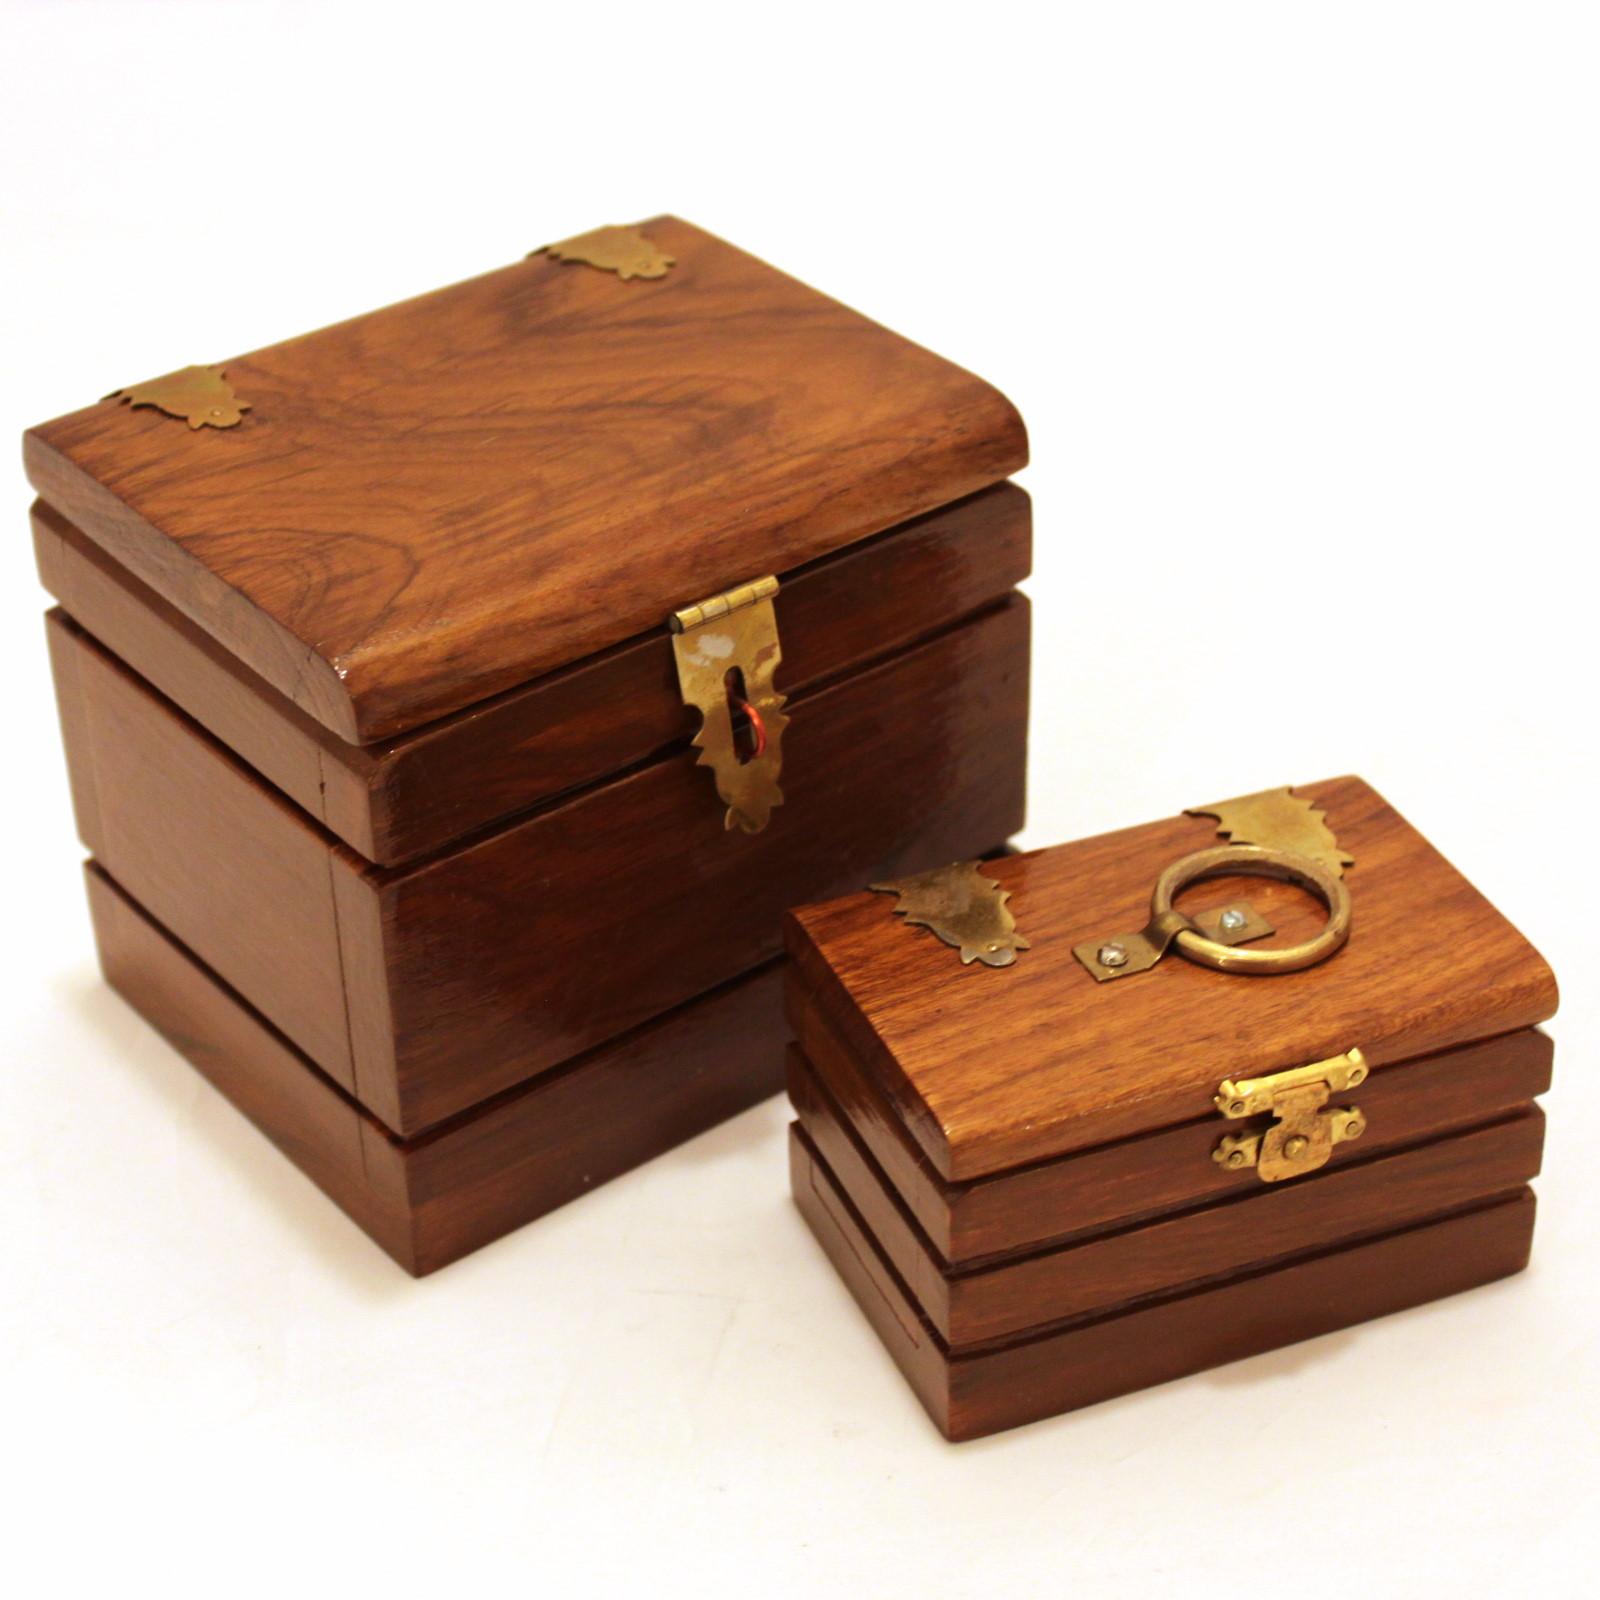 Double Locked Box Mystery by Mak Magic